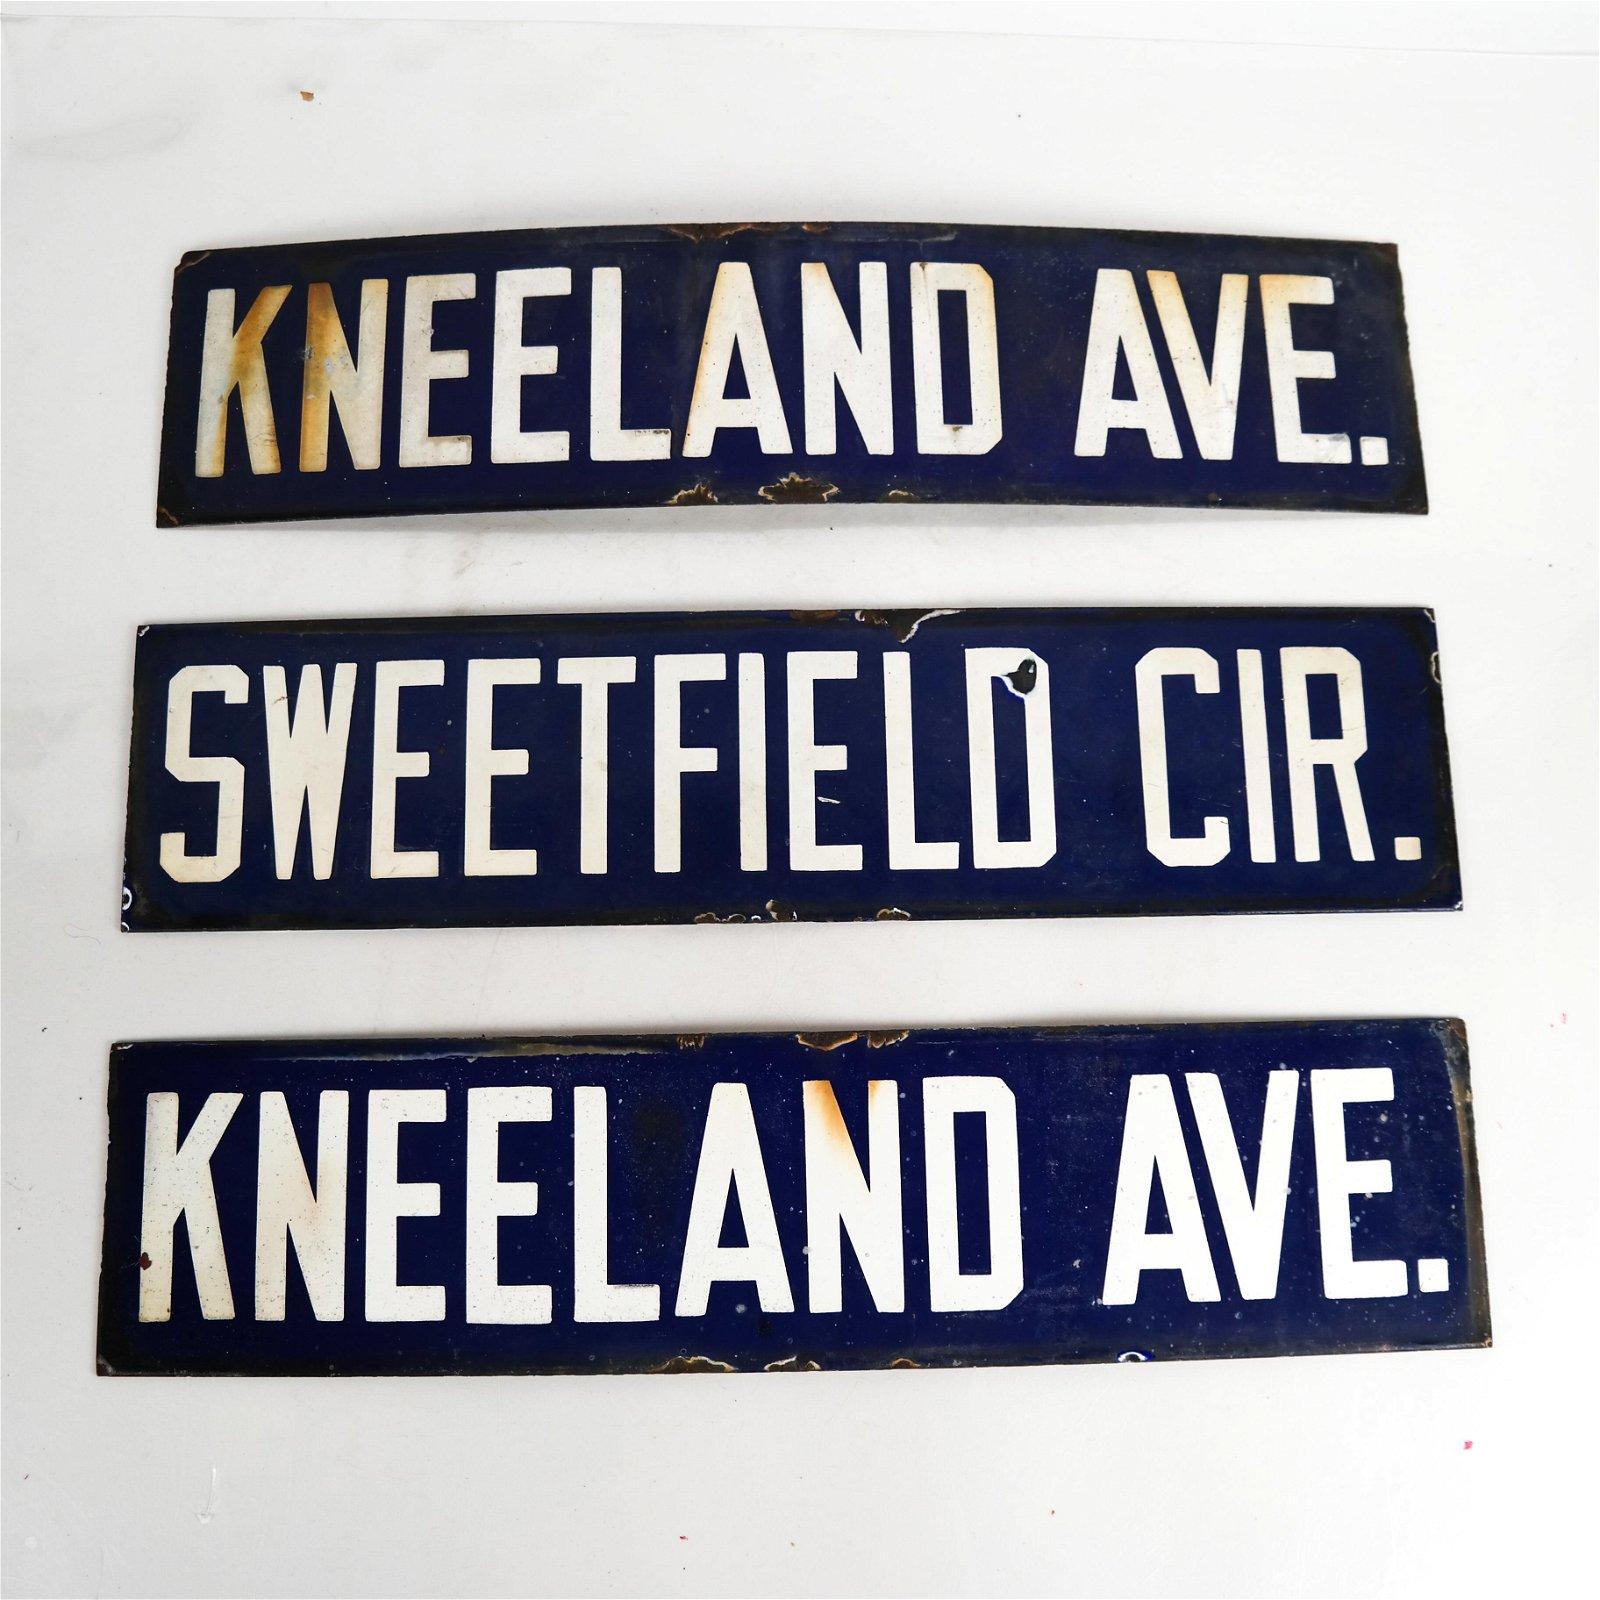 Three Vintage Metal Street Signs